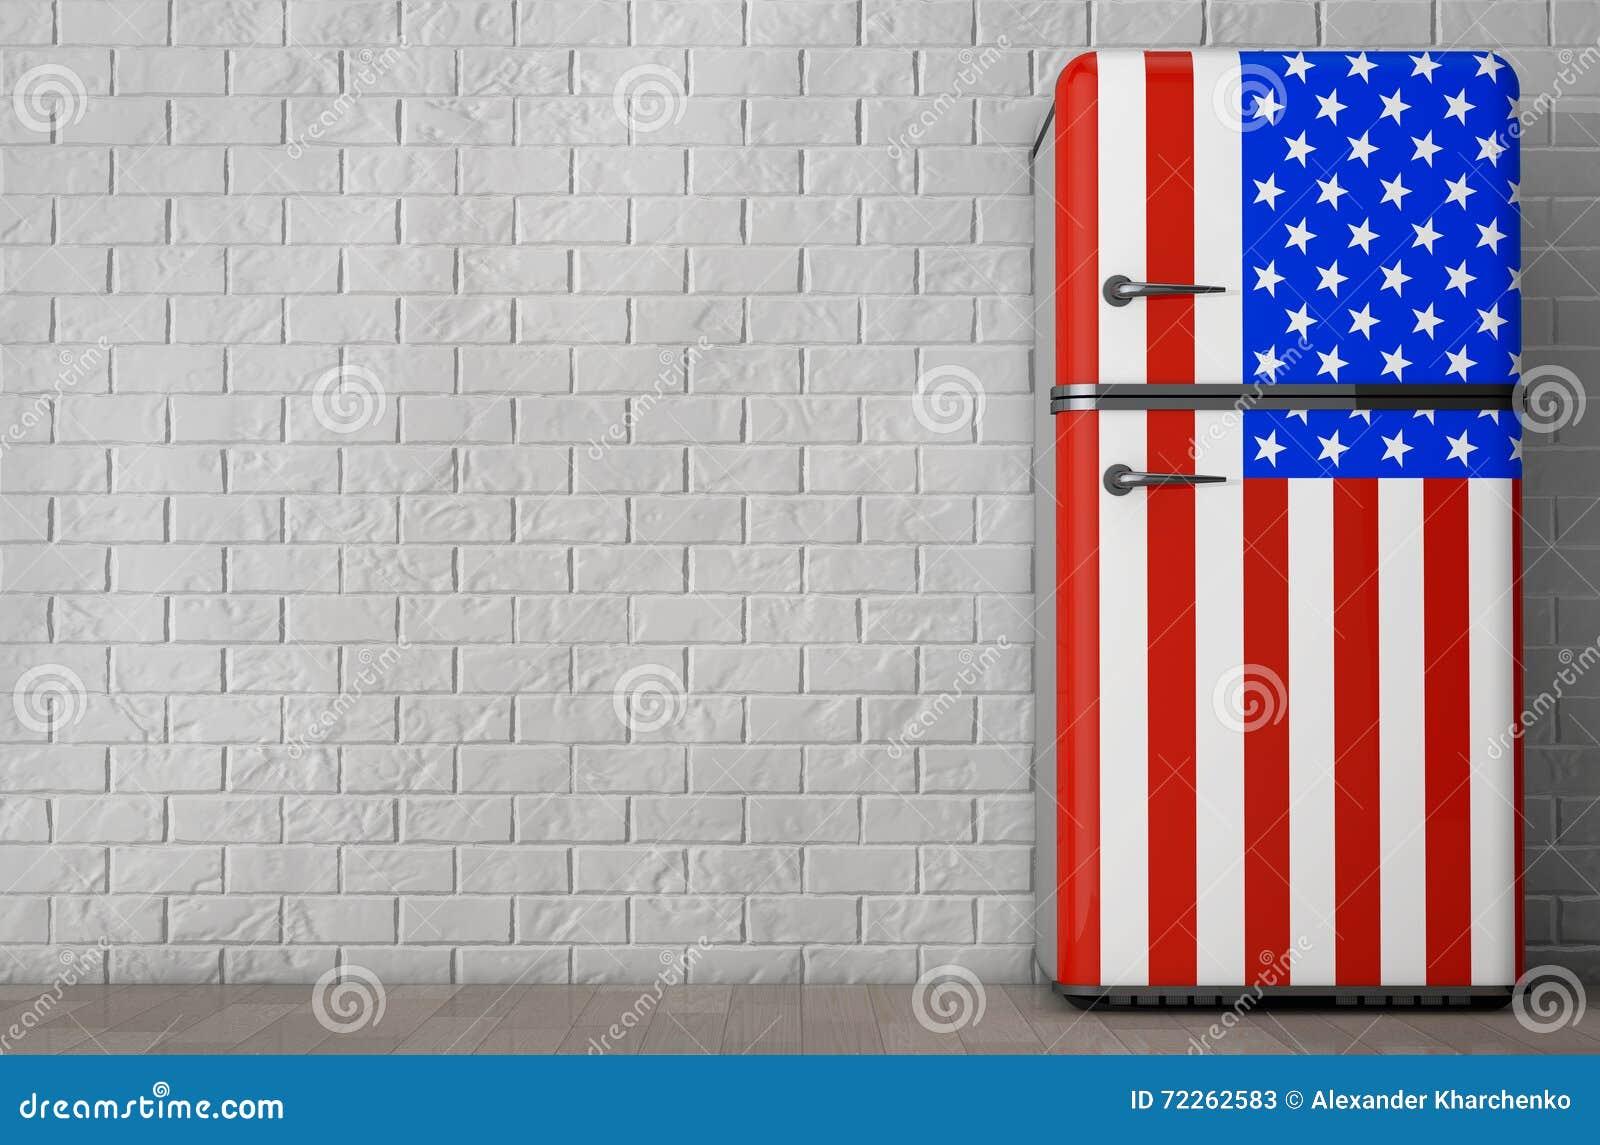 Retro Kühlschrank Usa : Retro kühlschrank mit der usa flagge wiedergabe d stock